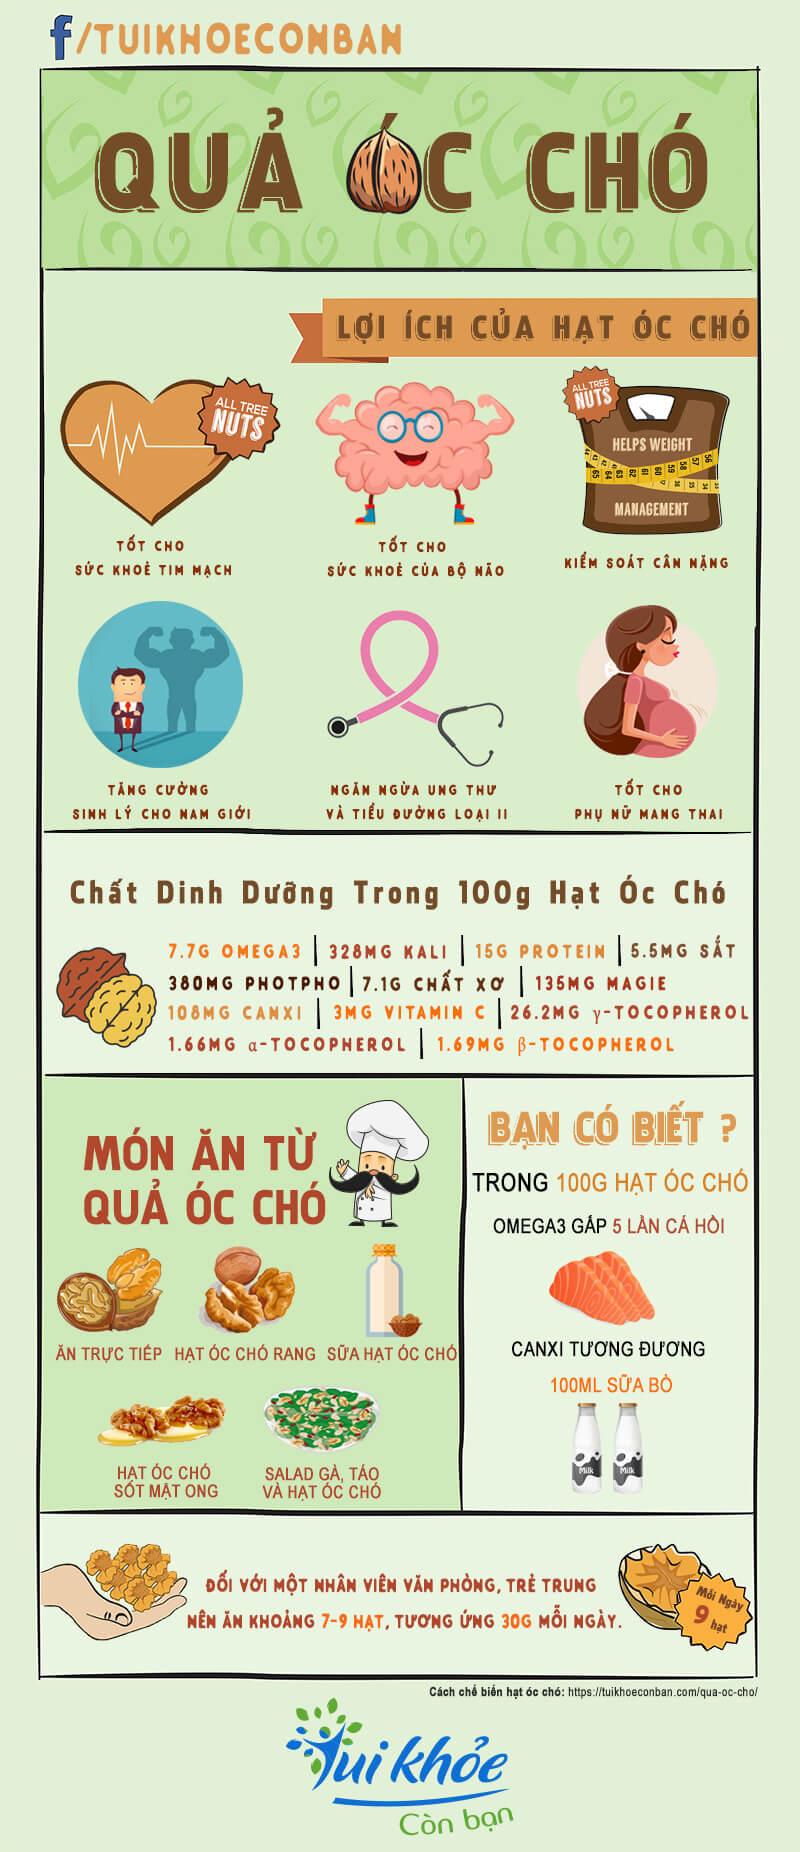 qua-oc-cho-infographic